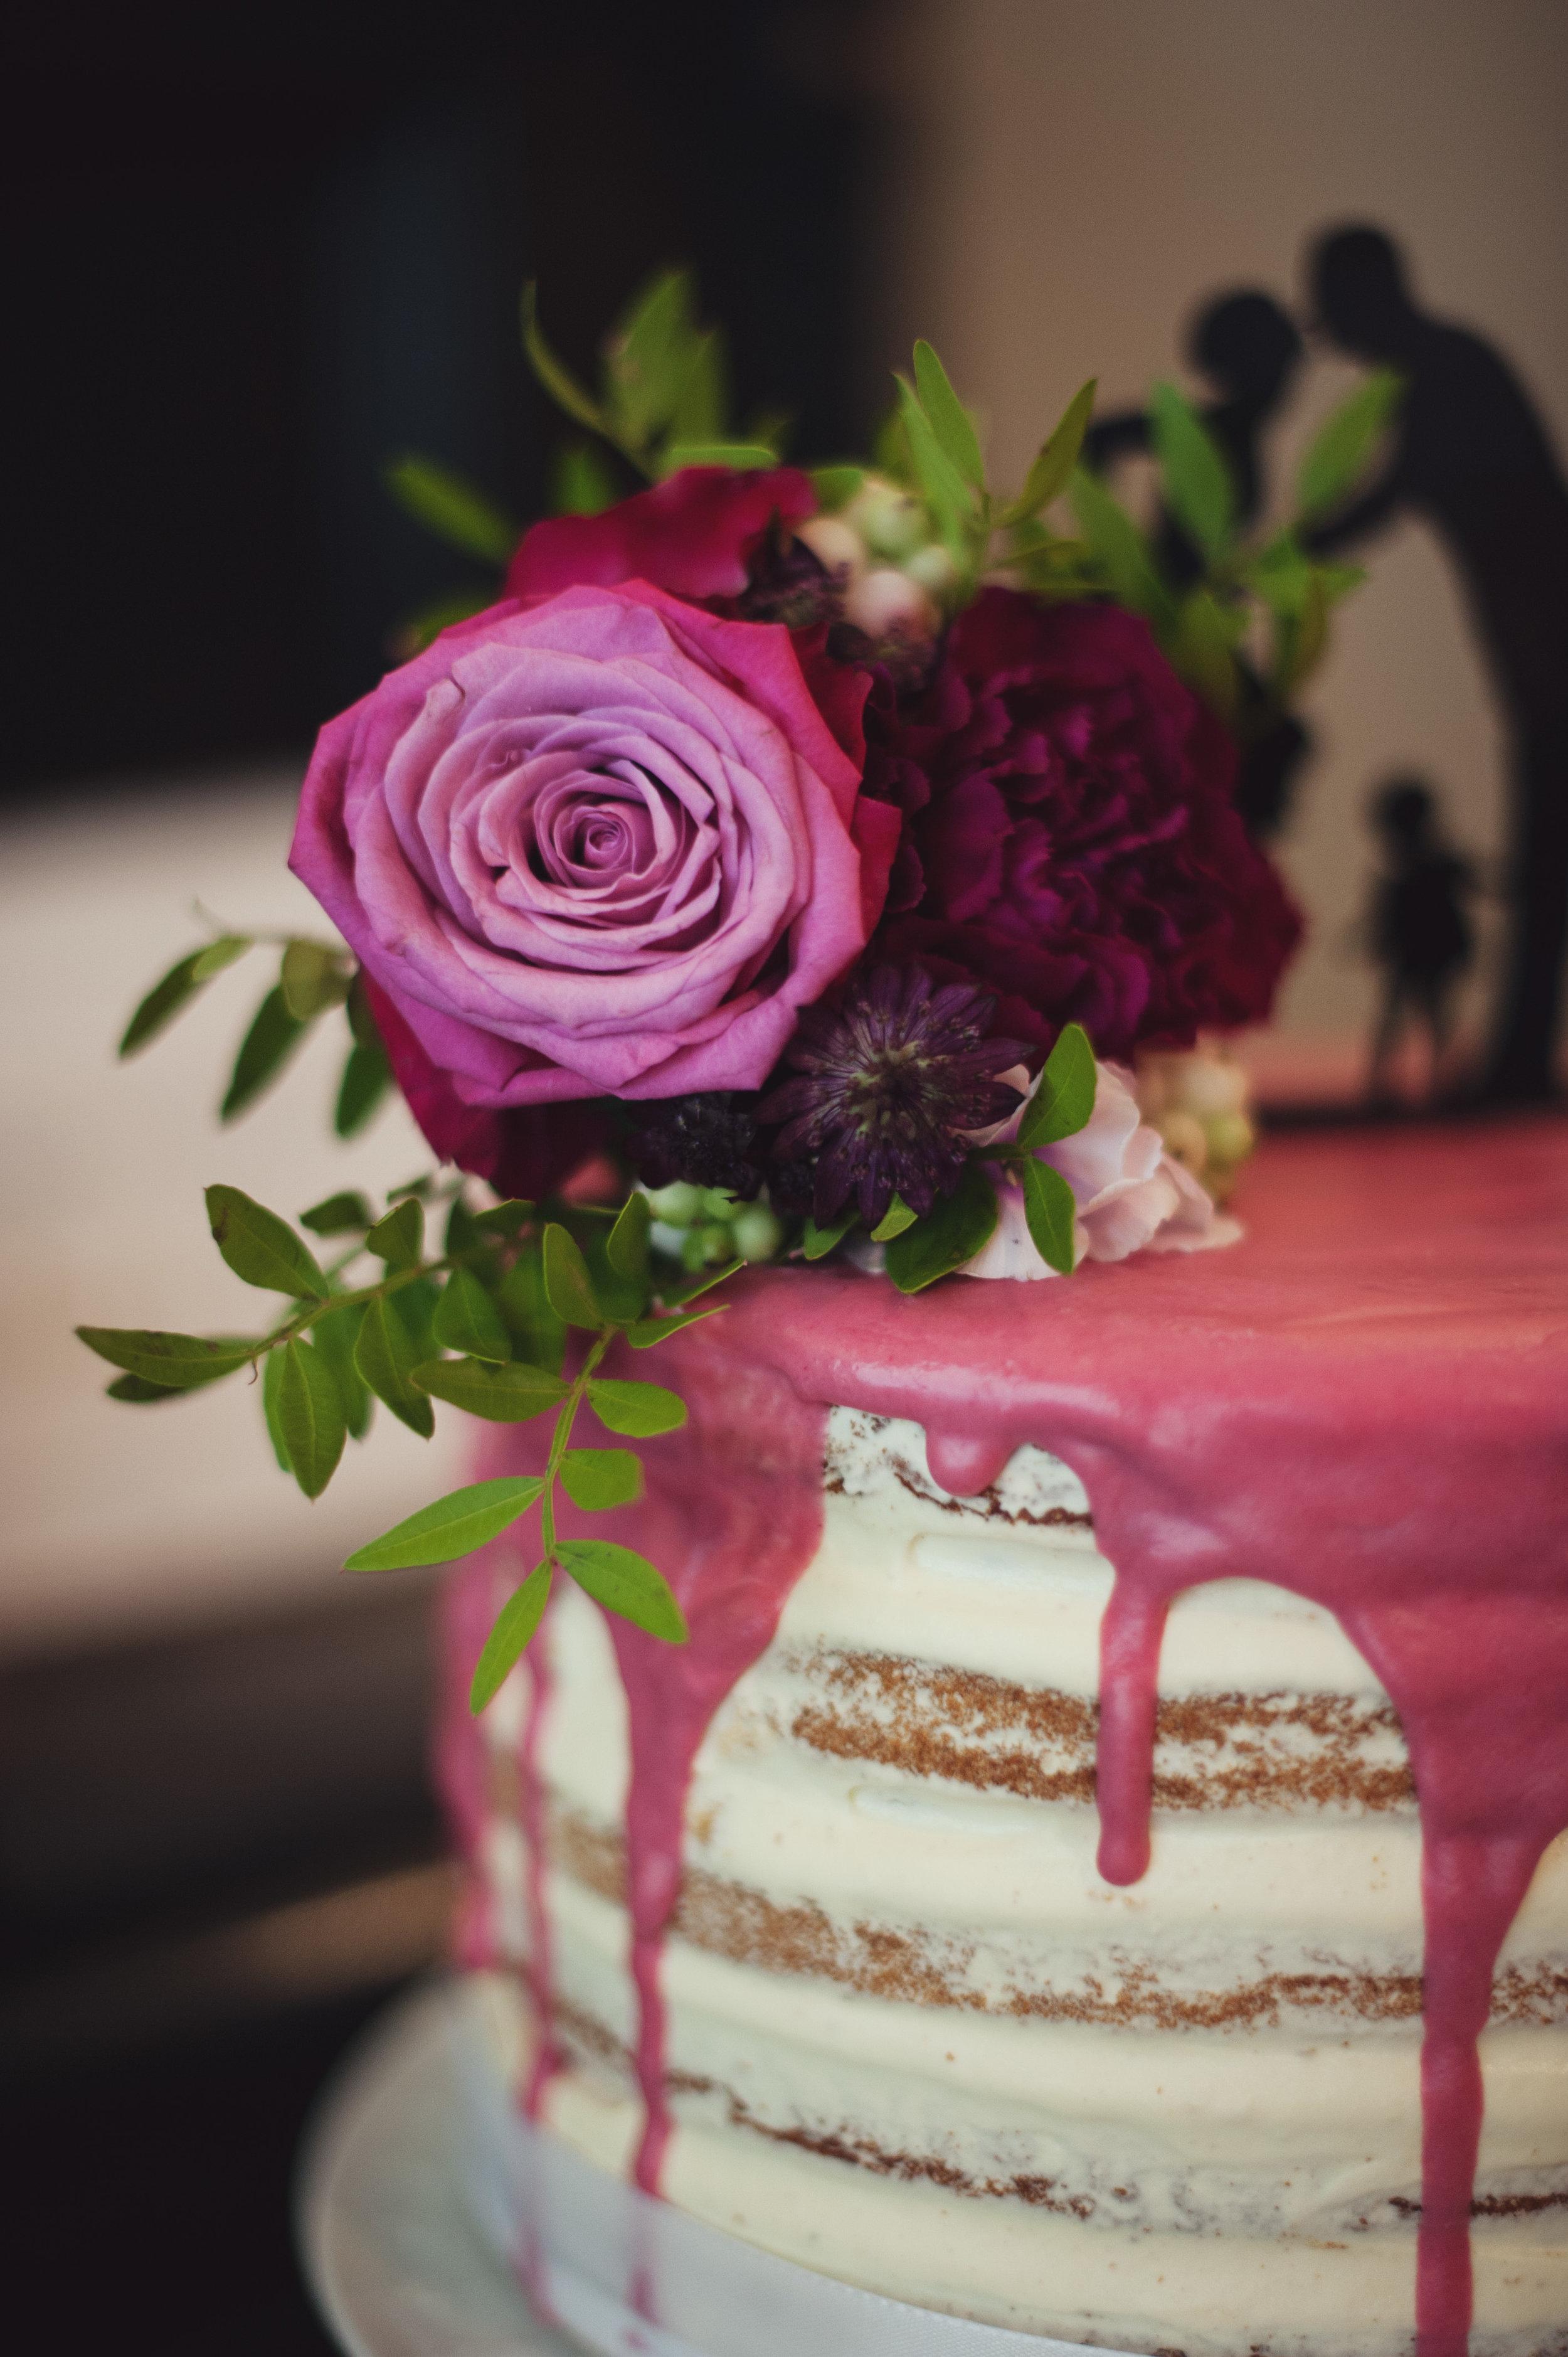 hochzeit-torte-schicht-rosen.jpg